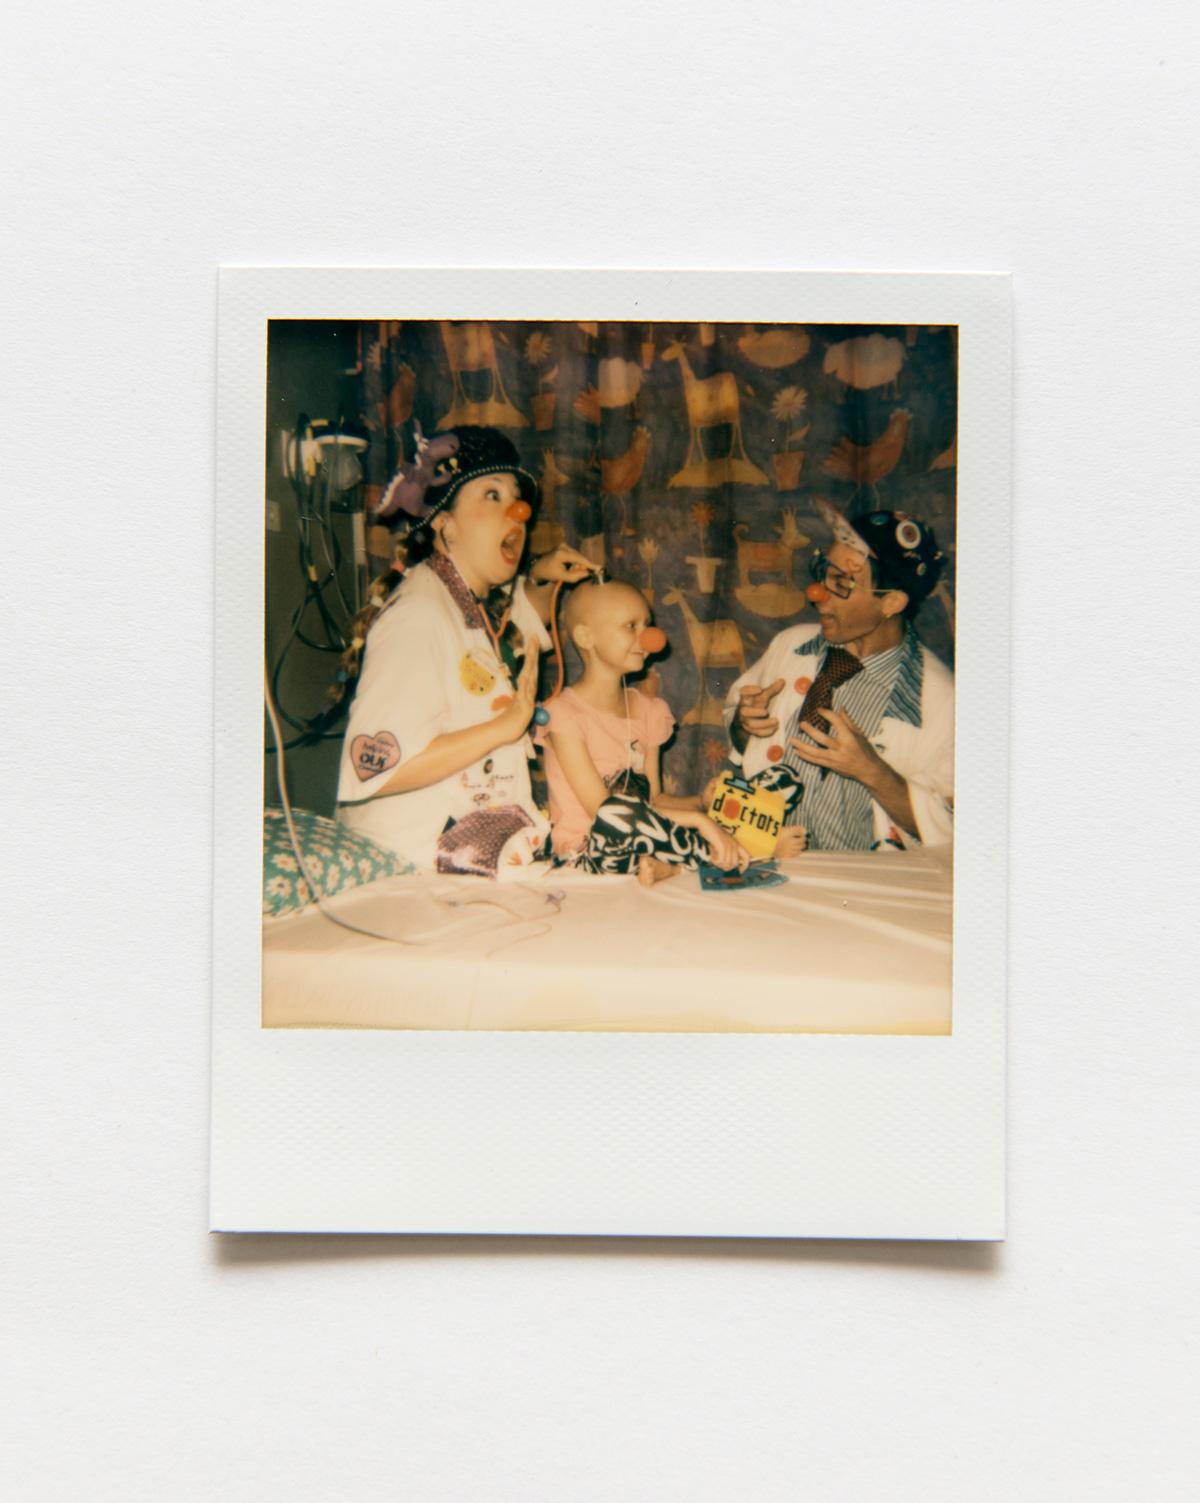 RCH-Polaroid-35